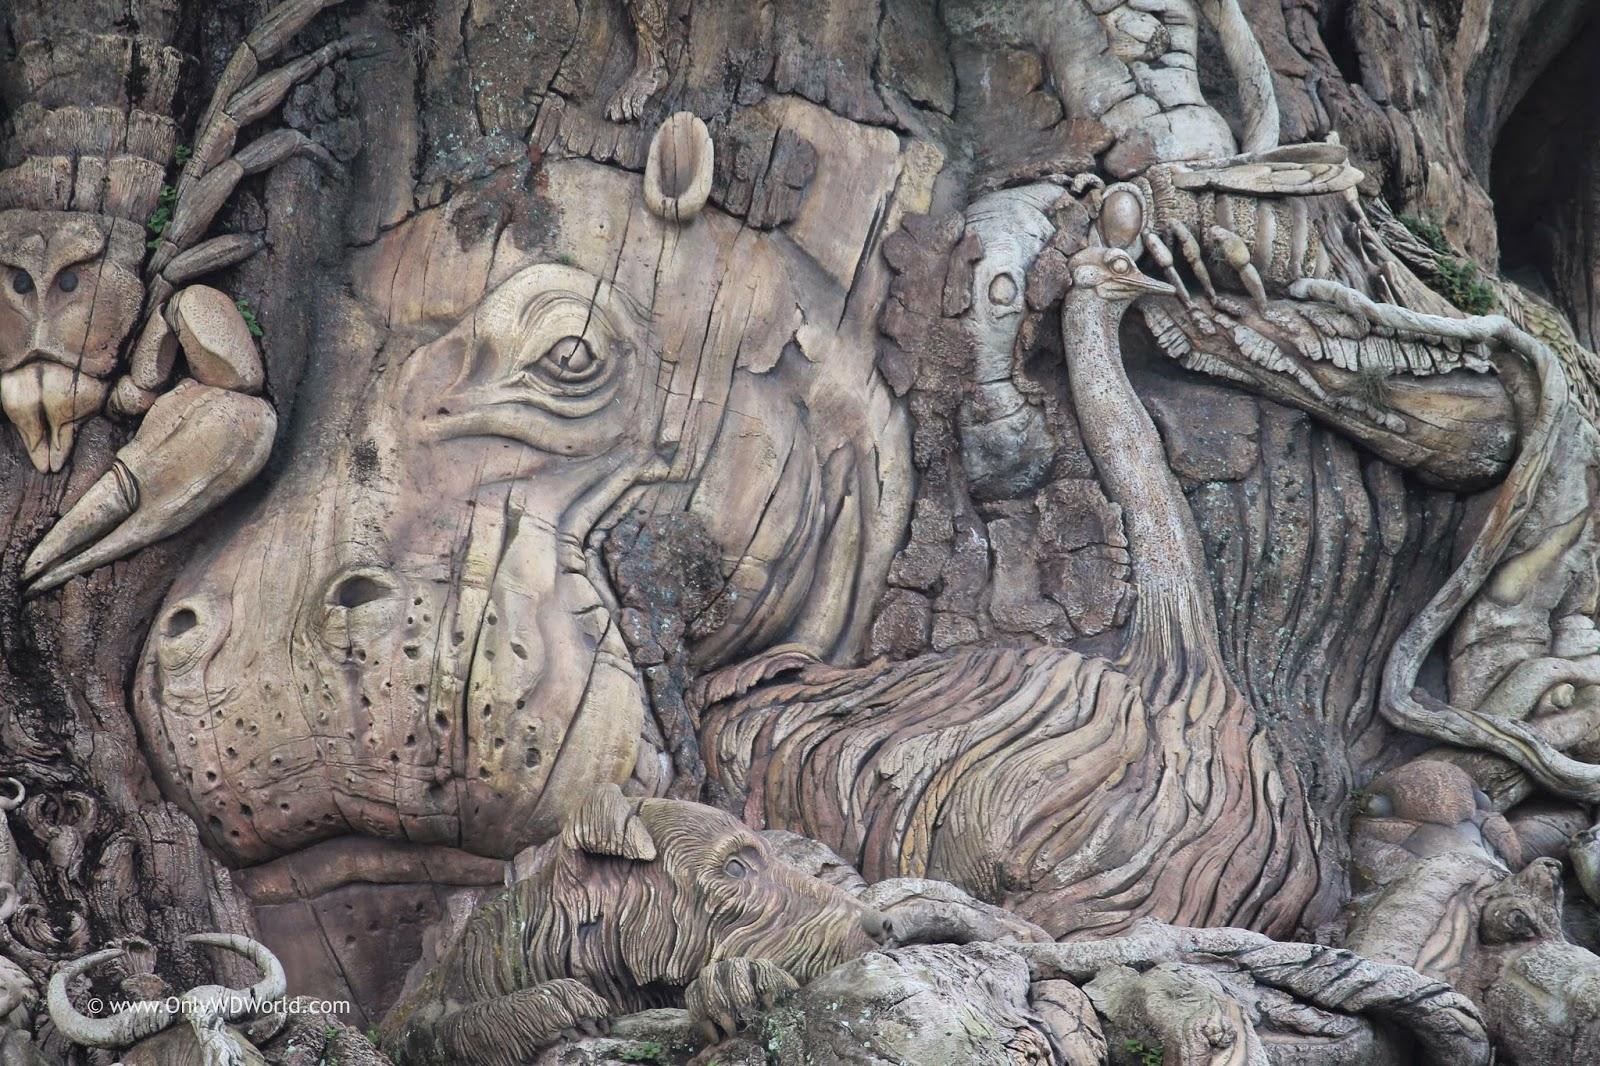 A Closer Look At The Tree Of Life At Disneys Animal Kingdom